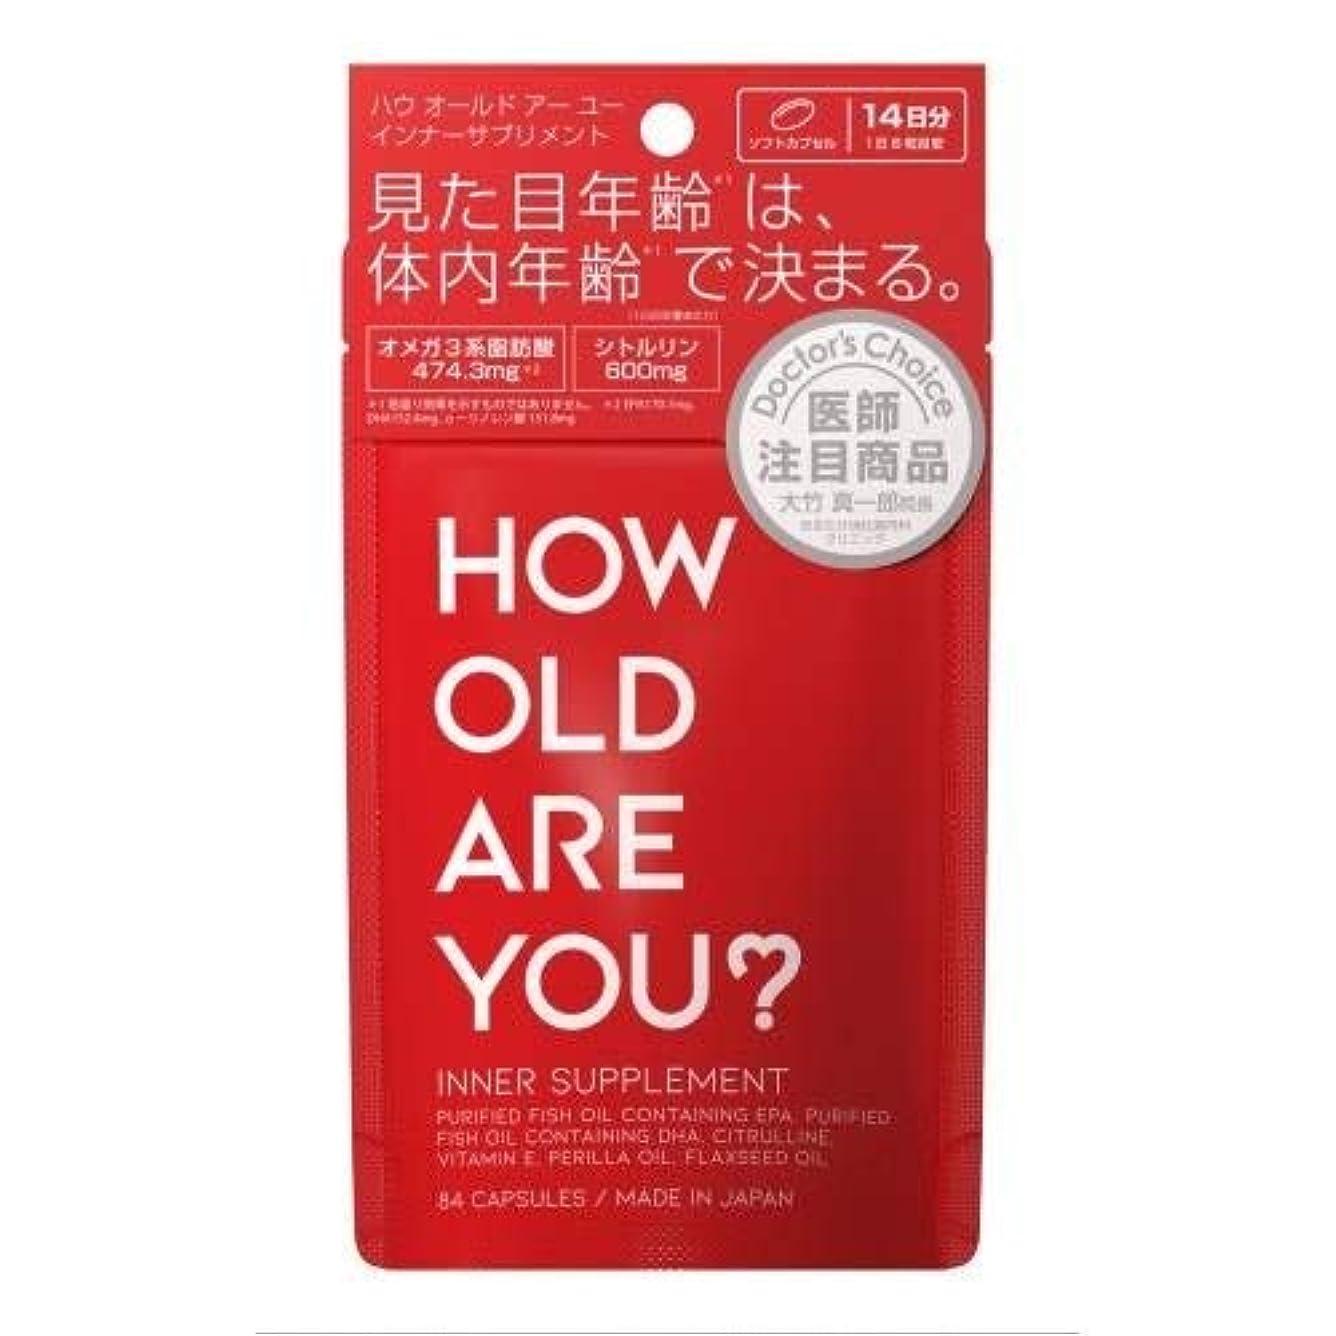 関連する長くする一貫性のない【2個セット】HOW OLD ARE YOU?インナーサプリメント 84粒